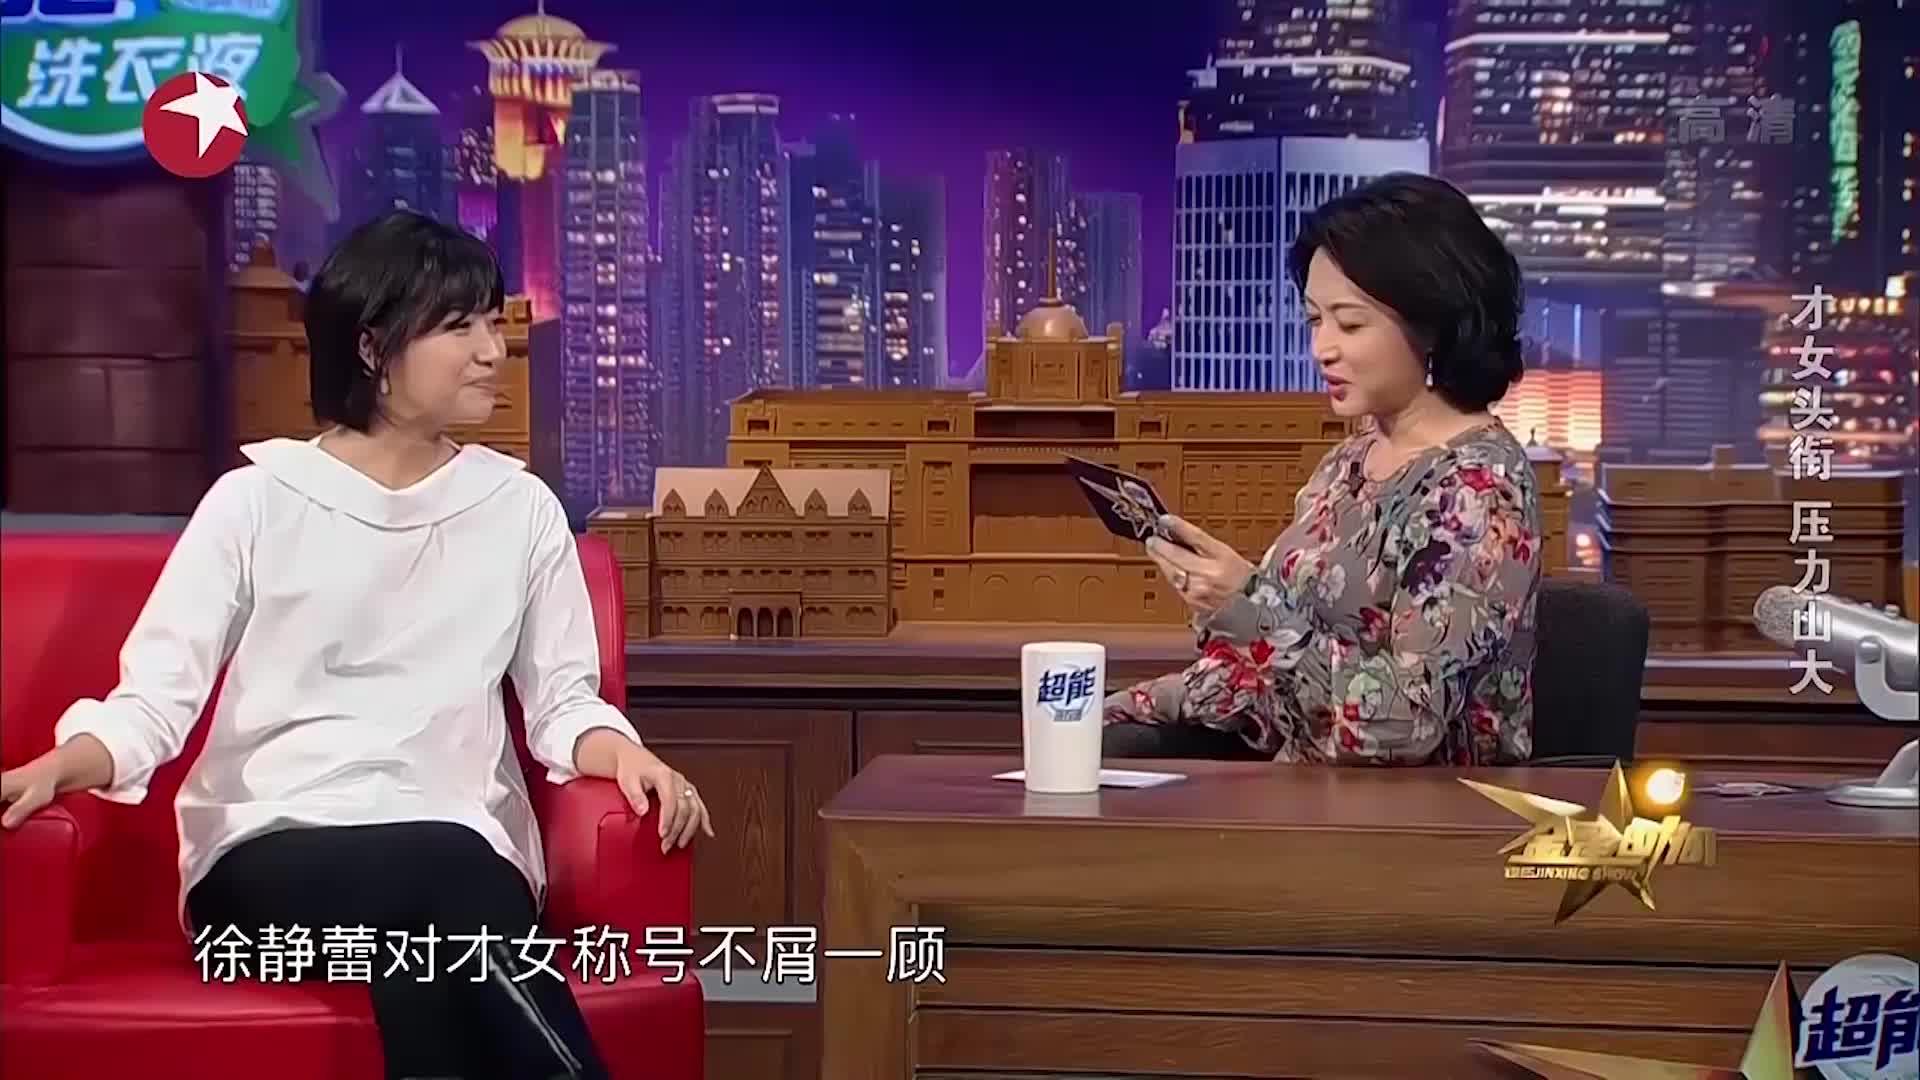 金星秀:徐静蕾对才女头衔不顾一屑,没想到正主亲自澄清!